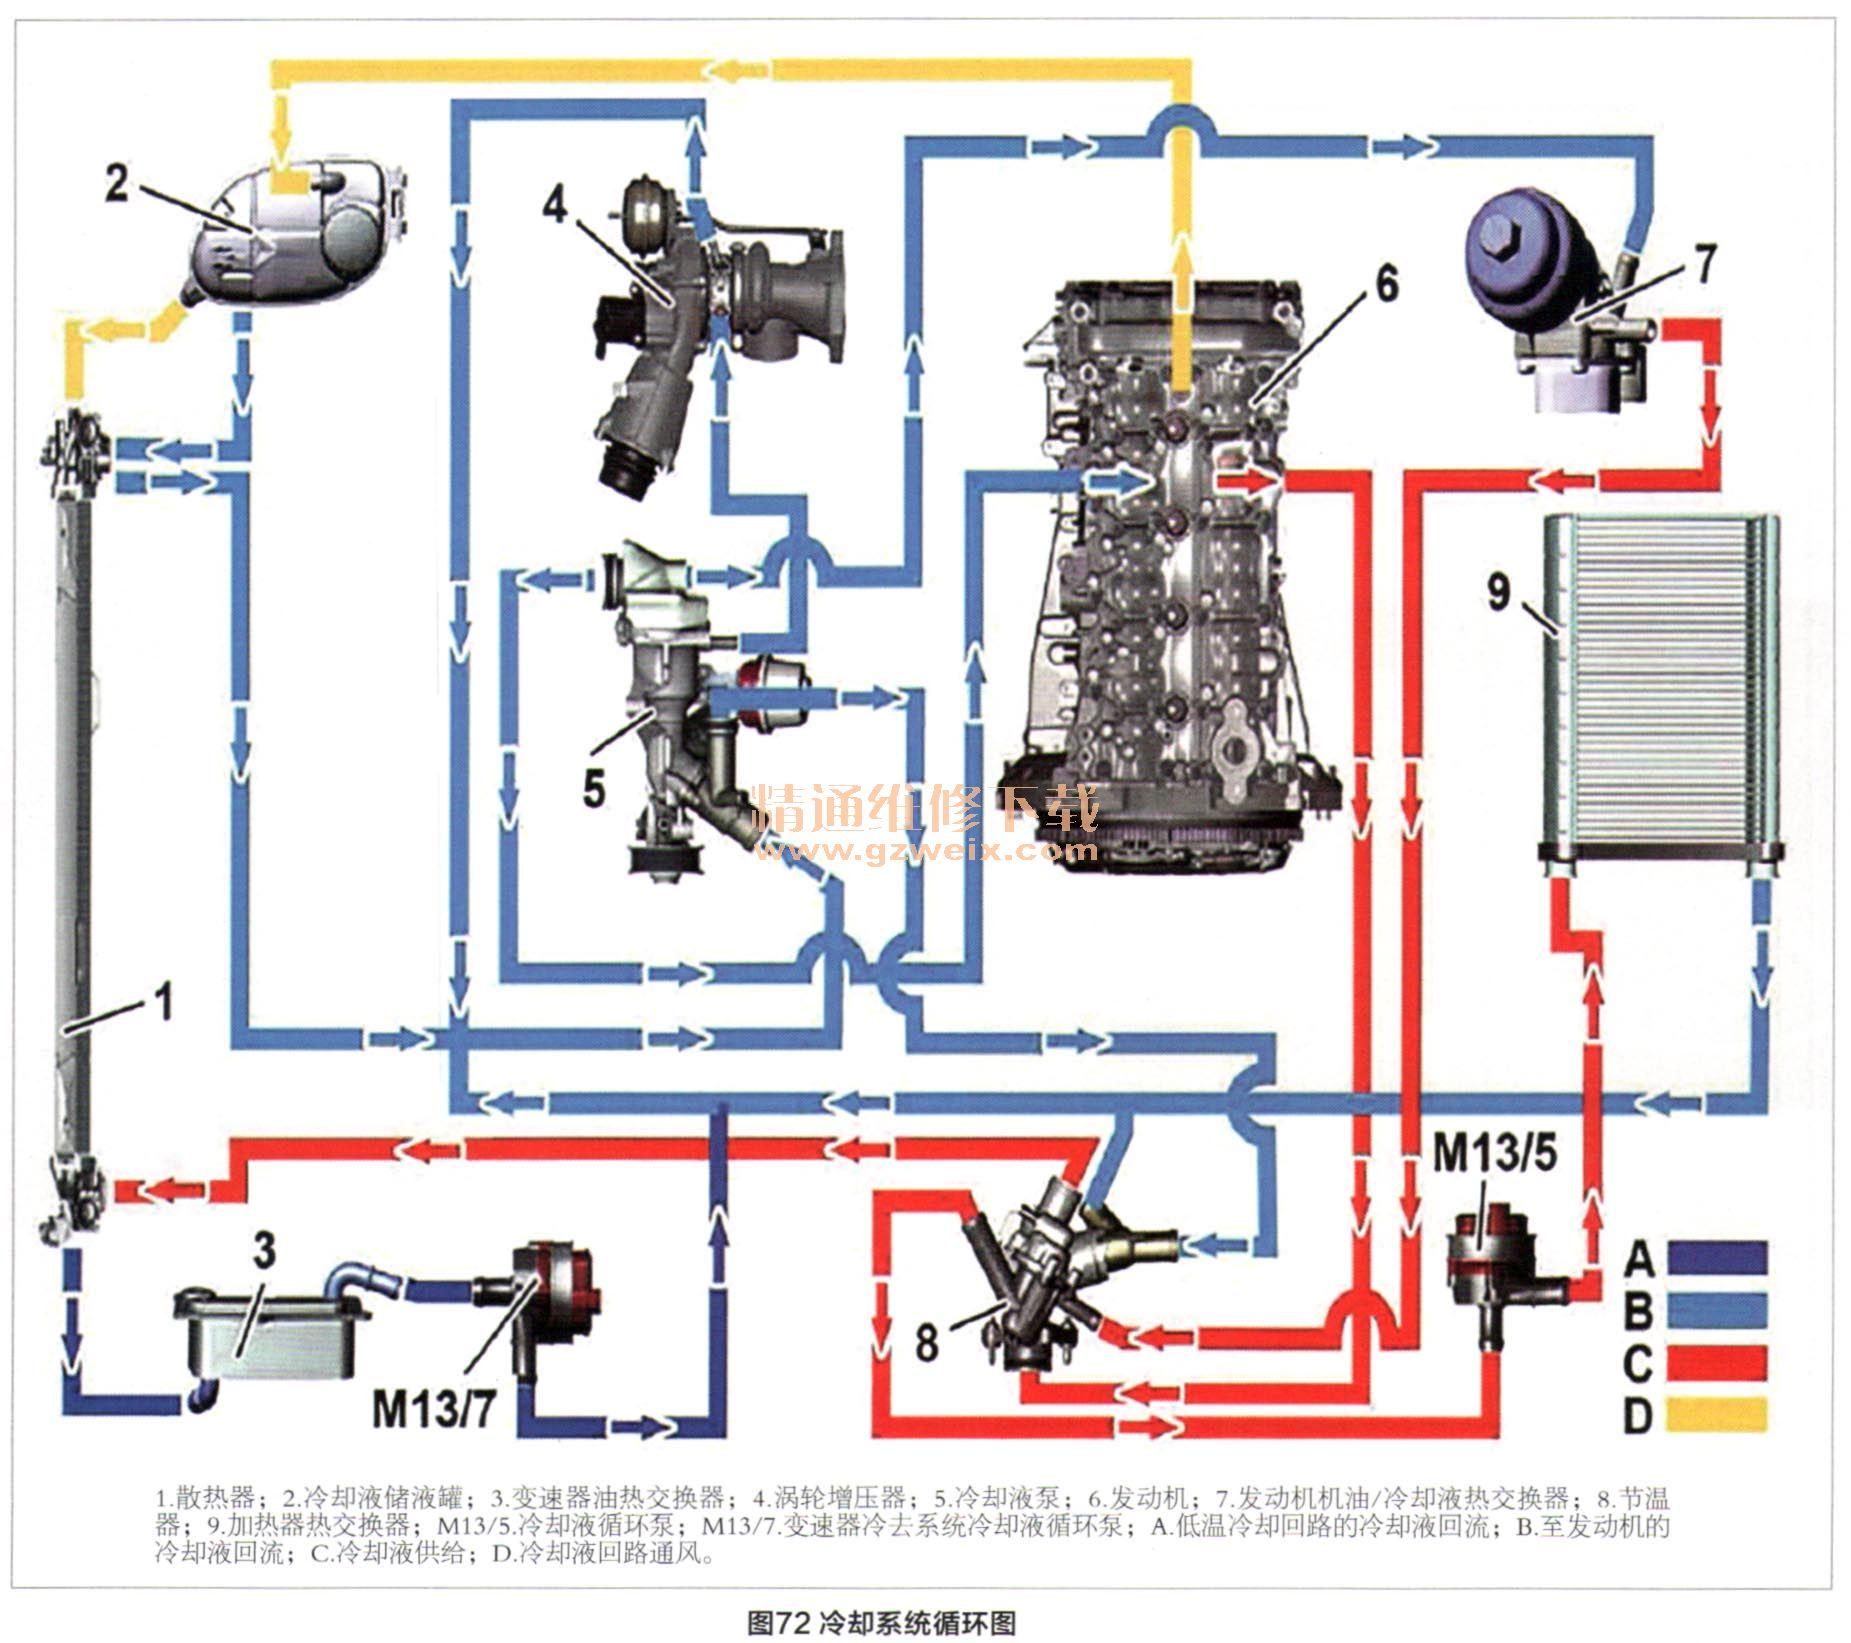 奔驰724.0双离合变速器的结构原理与拆装(五)